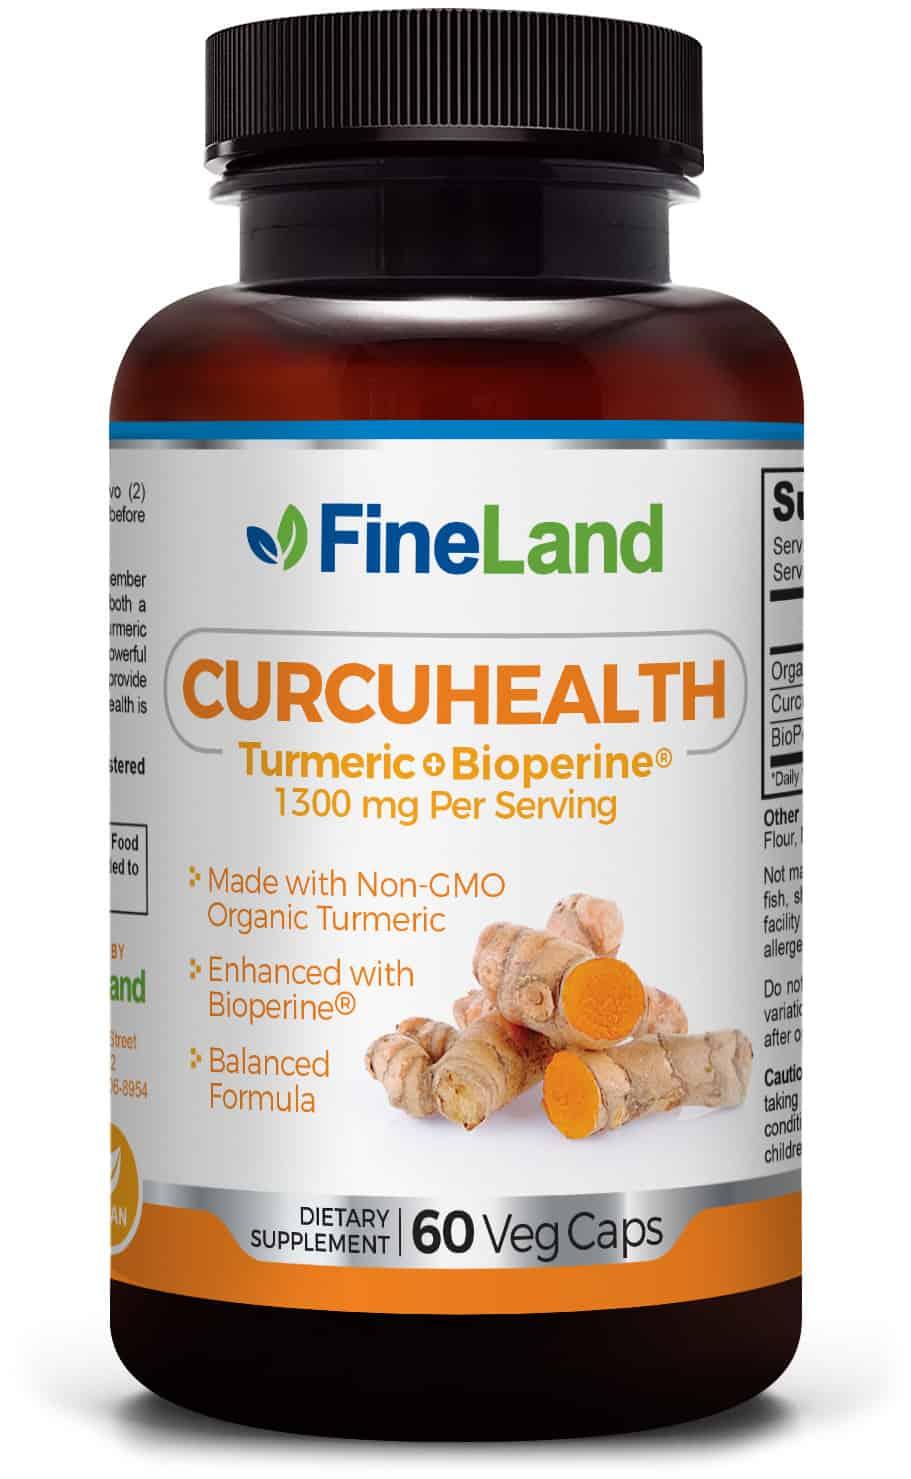 Suplementos y Vitaminas de Calidad Curcuhealth